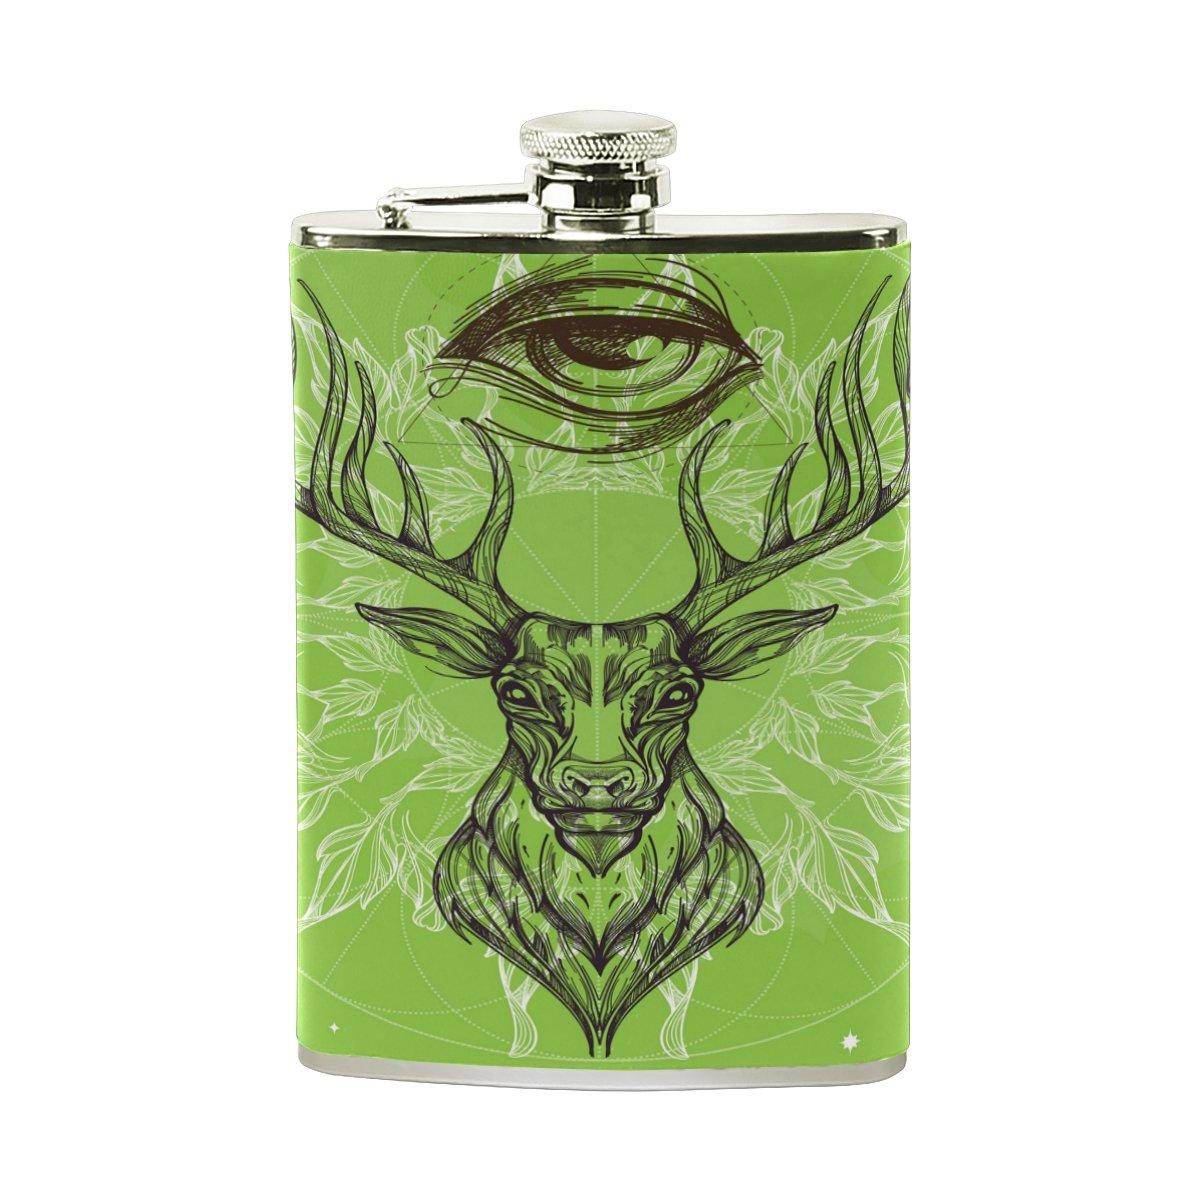 【T-ポイント5倍】 Alaza Deer B075YTSTKK 8オンスステンレススチールヒップフラスコPUレザーWrappedカバーHeavy Whiskey DutyポケットショットのフラスコLiquor Whiskey Vidkaラム Vidkaラム B075YTSTKK, 四季物ひろば:84915f58 --- a0267596.xsph.ru